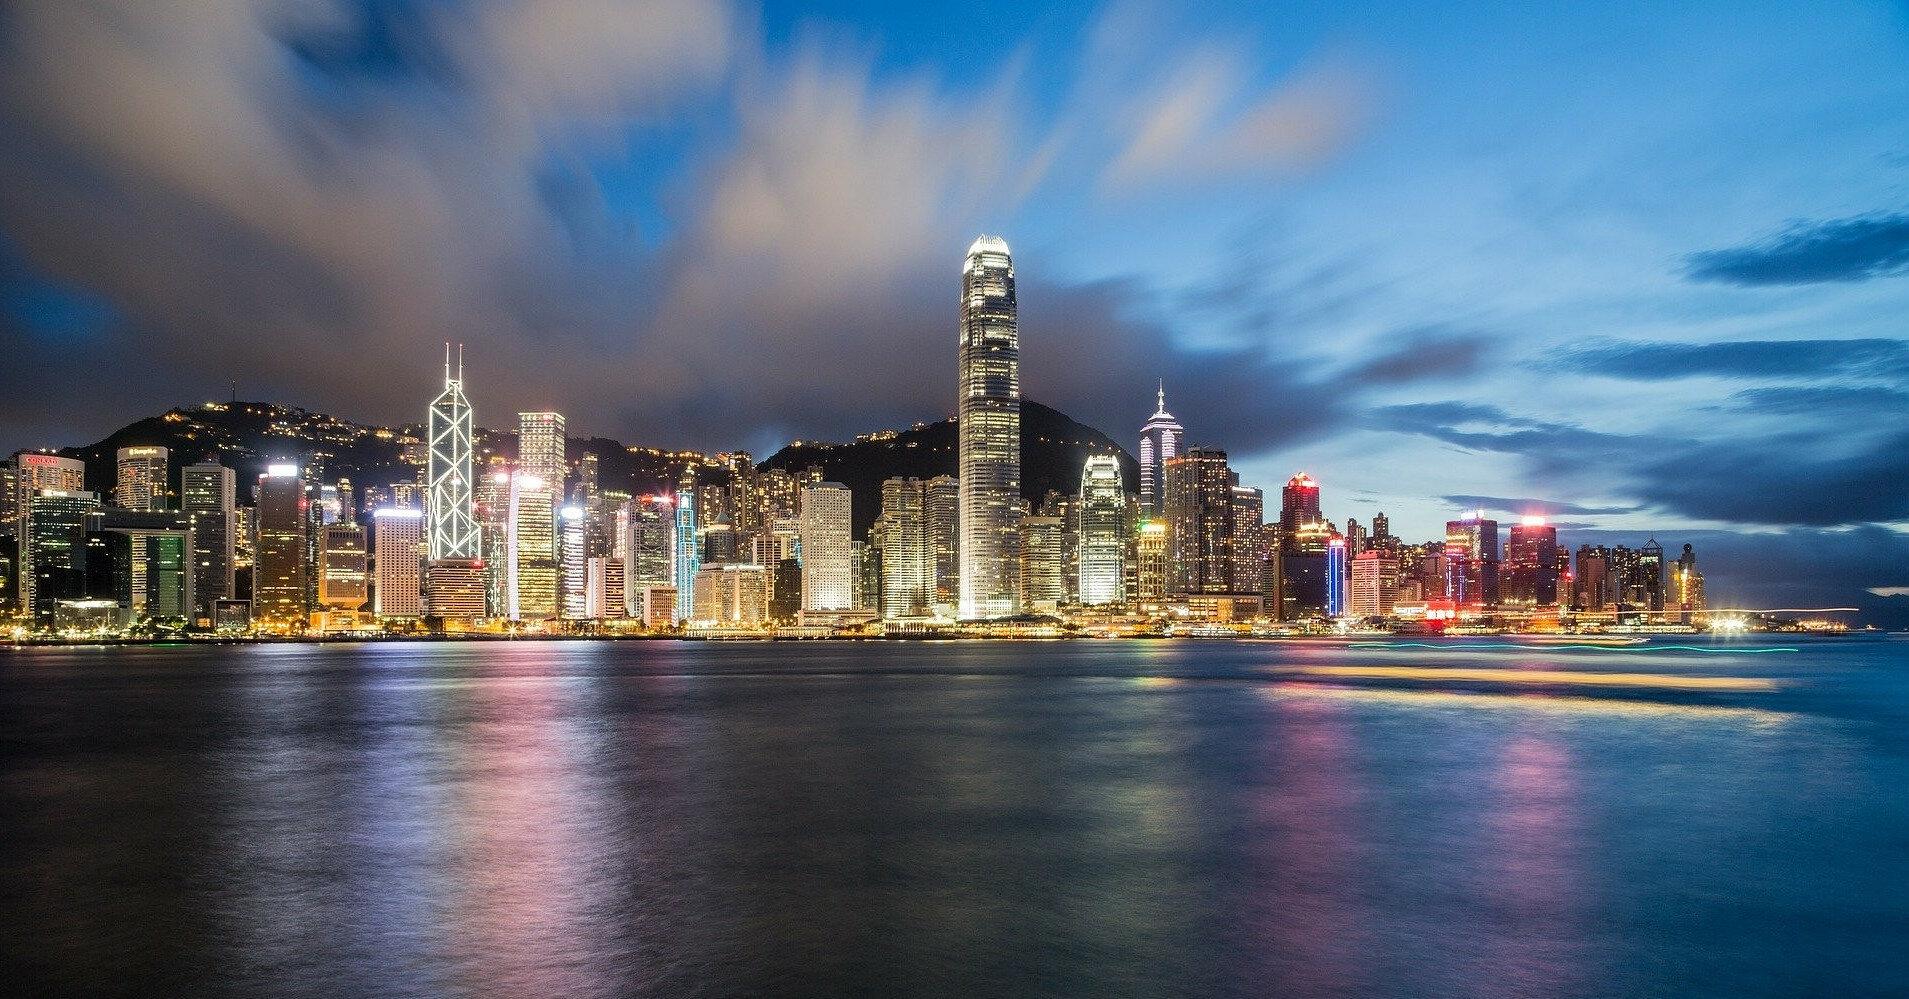 Китай является крупнейшим потребителем импортных товаров